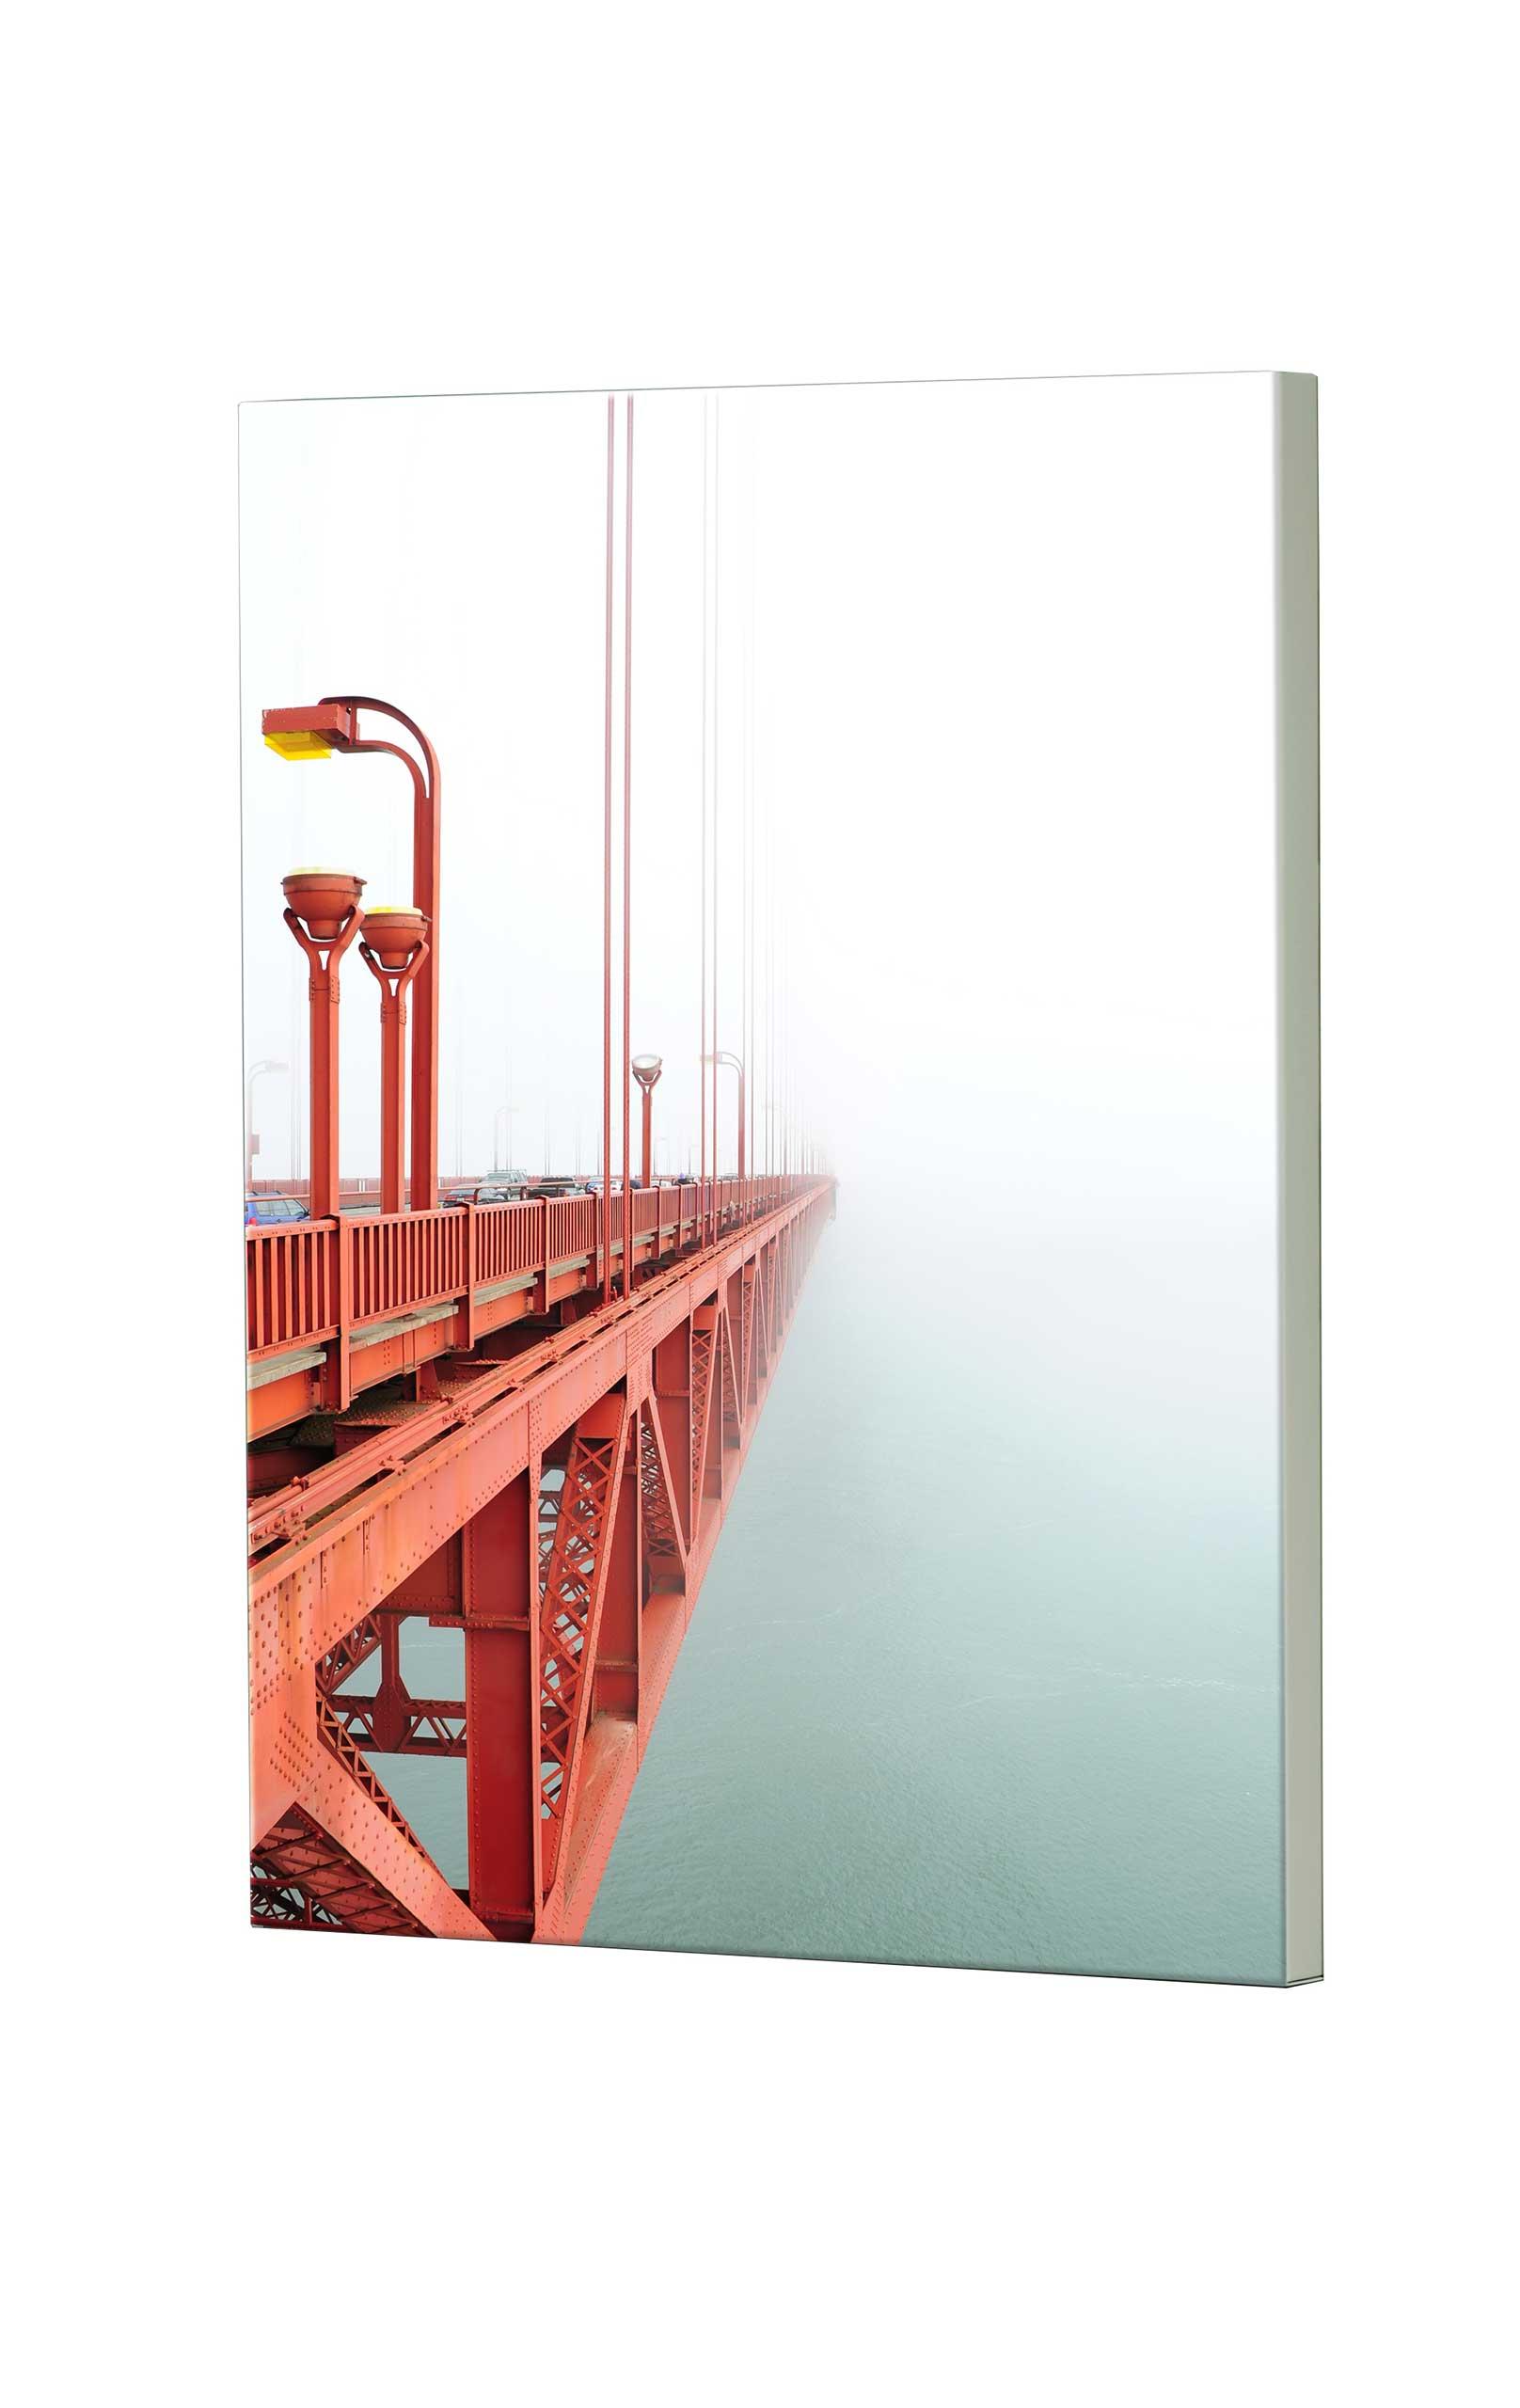 Magnettafel NOTIZ 60x80cm Motiv Golden Gate MDH110 Motiv-Pinnwand